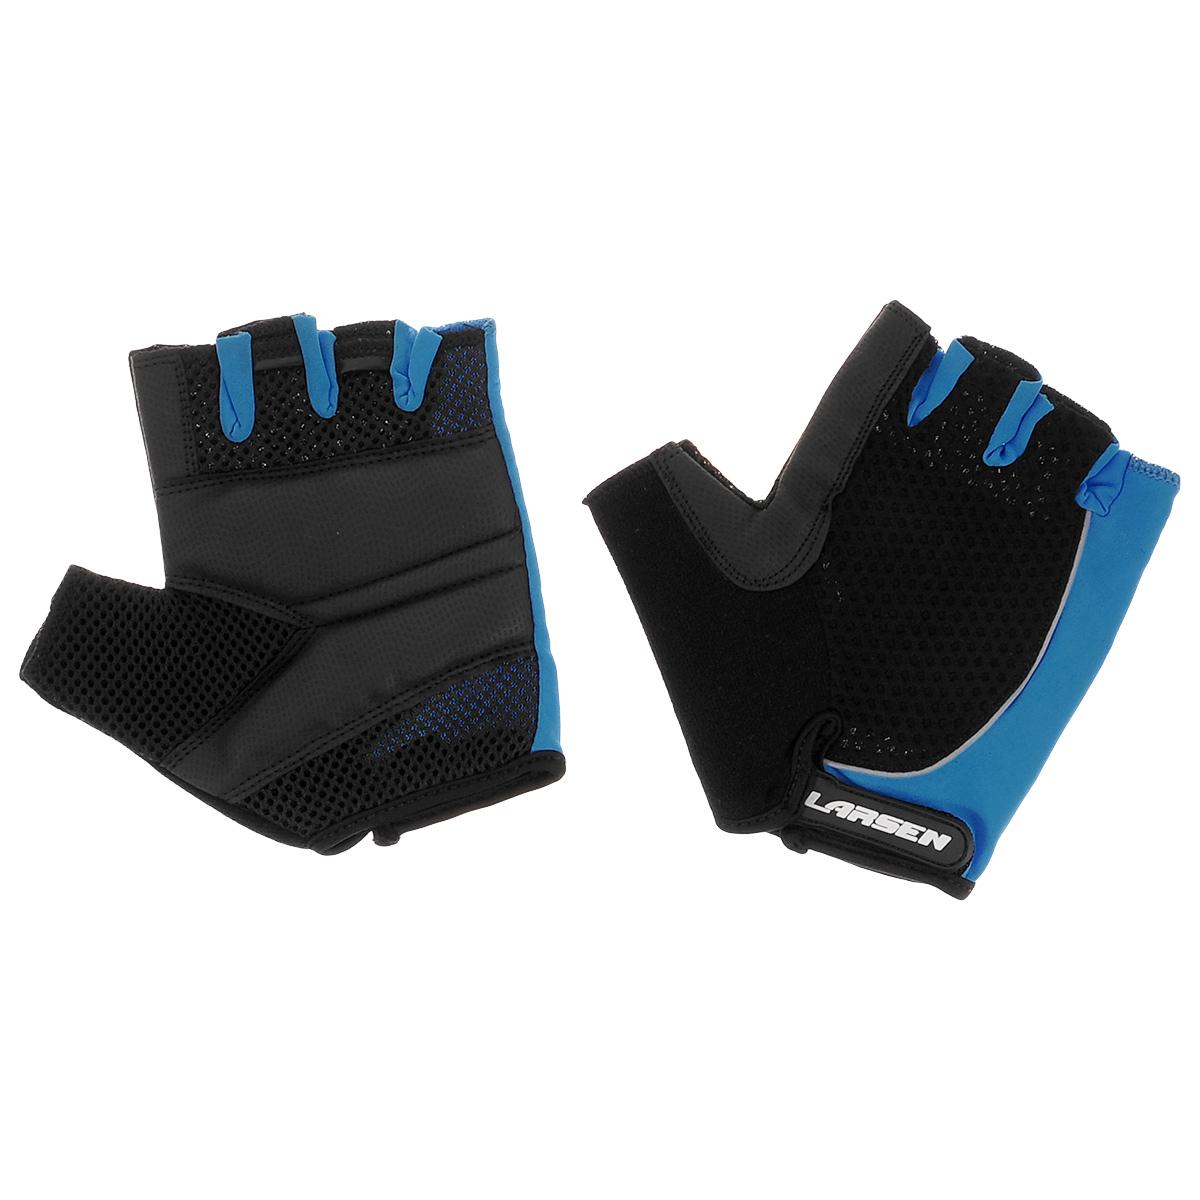 Велоперчатки Larsen, цвет: черный, синий. Размер XL